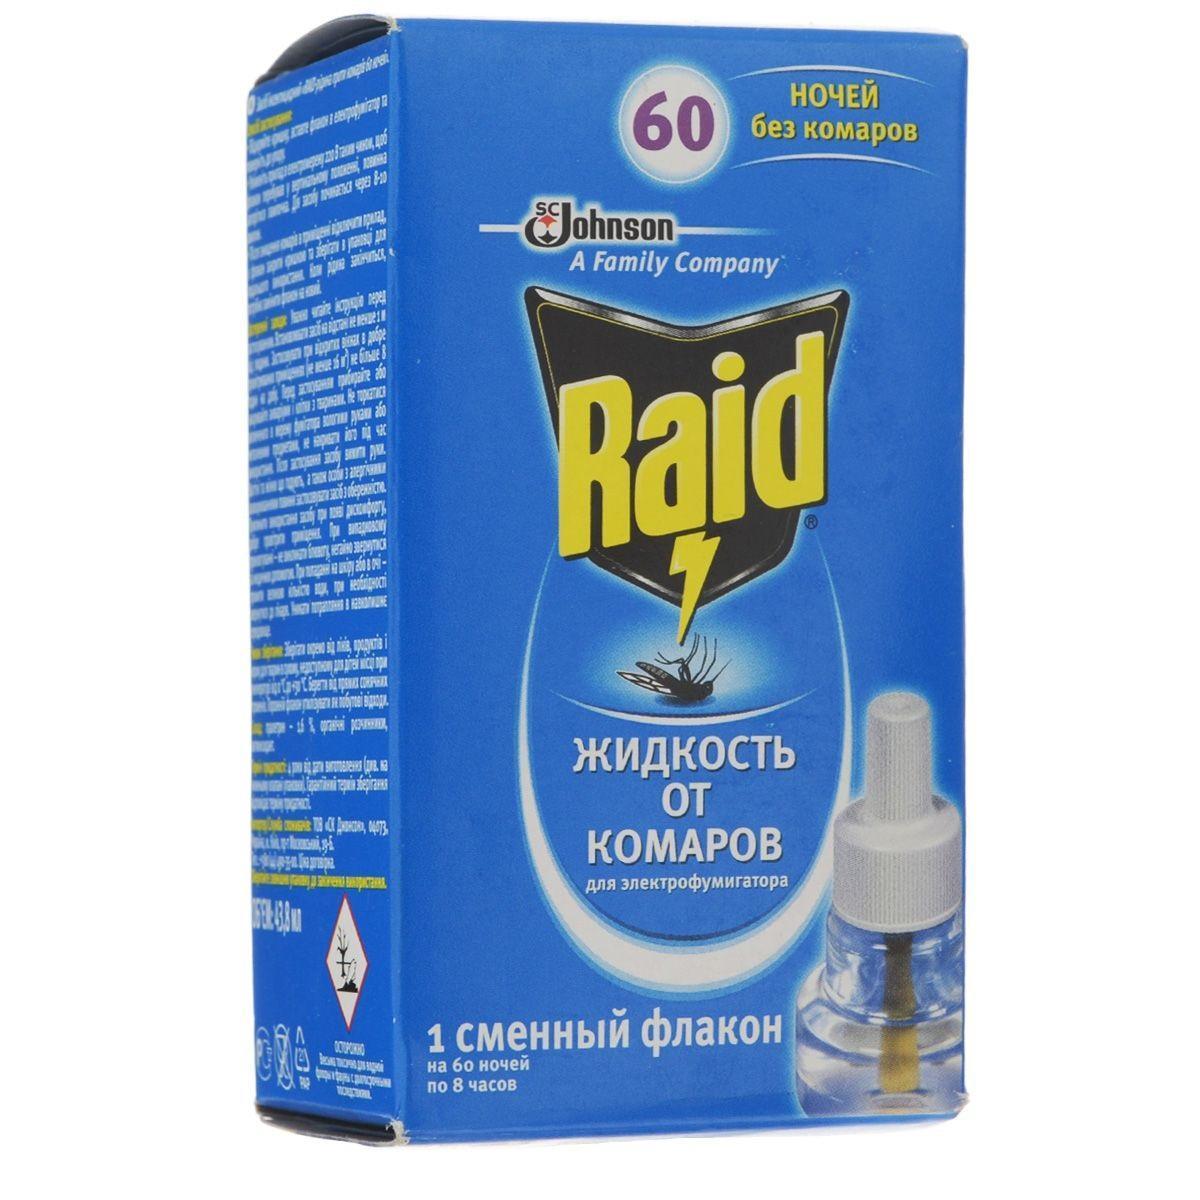 Жидкость для фумигатора от комаров Raid, на 60 ночей средства от насекомых picnic family жидкость от комаров для фумигатора 45 ночей 30 мл